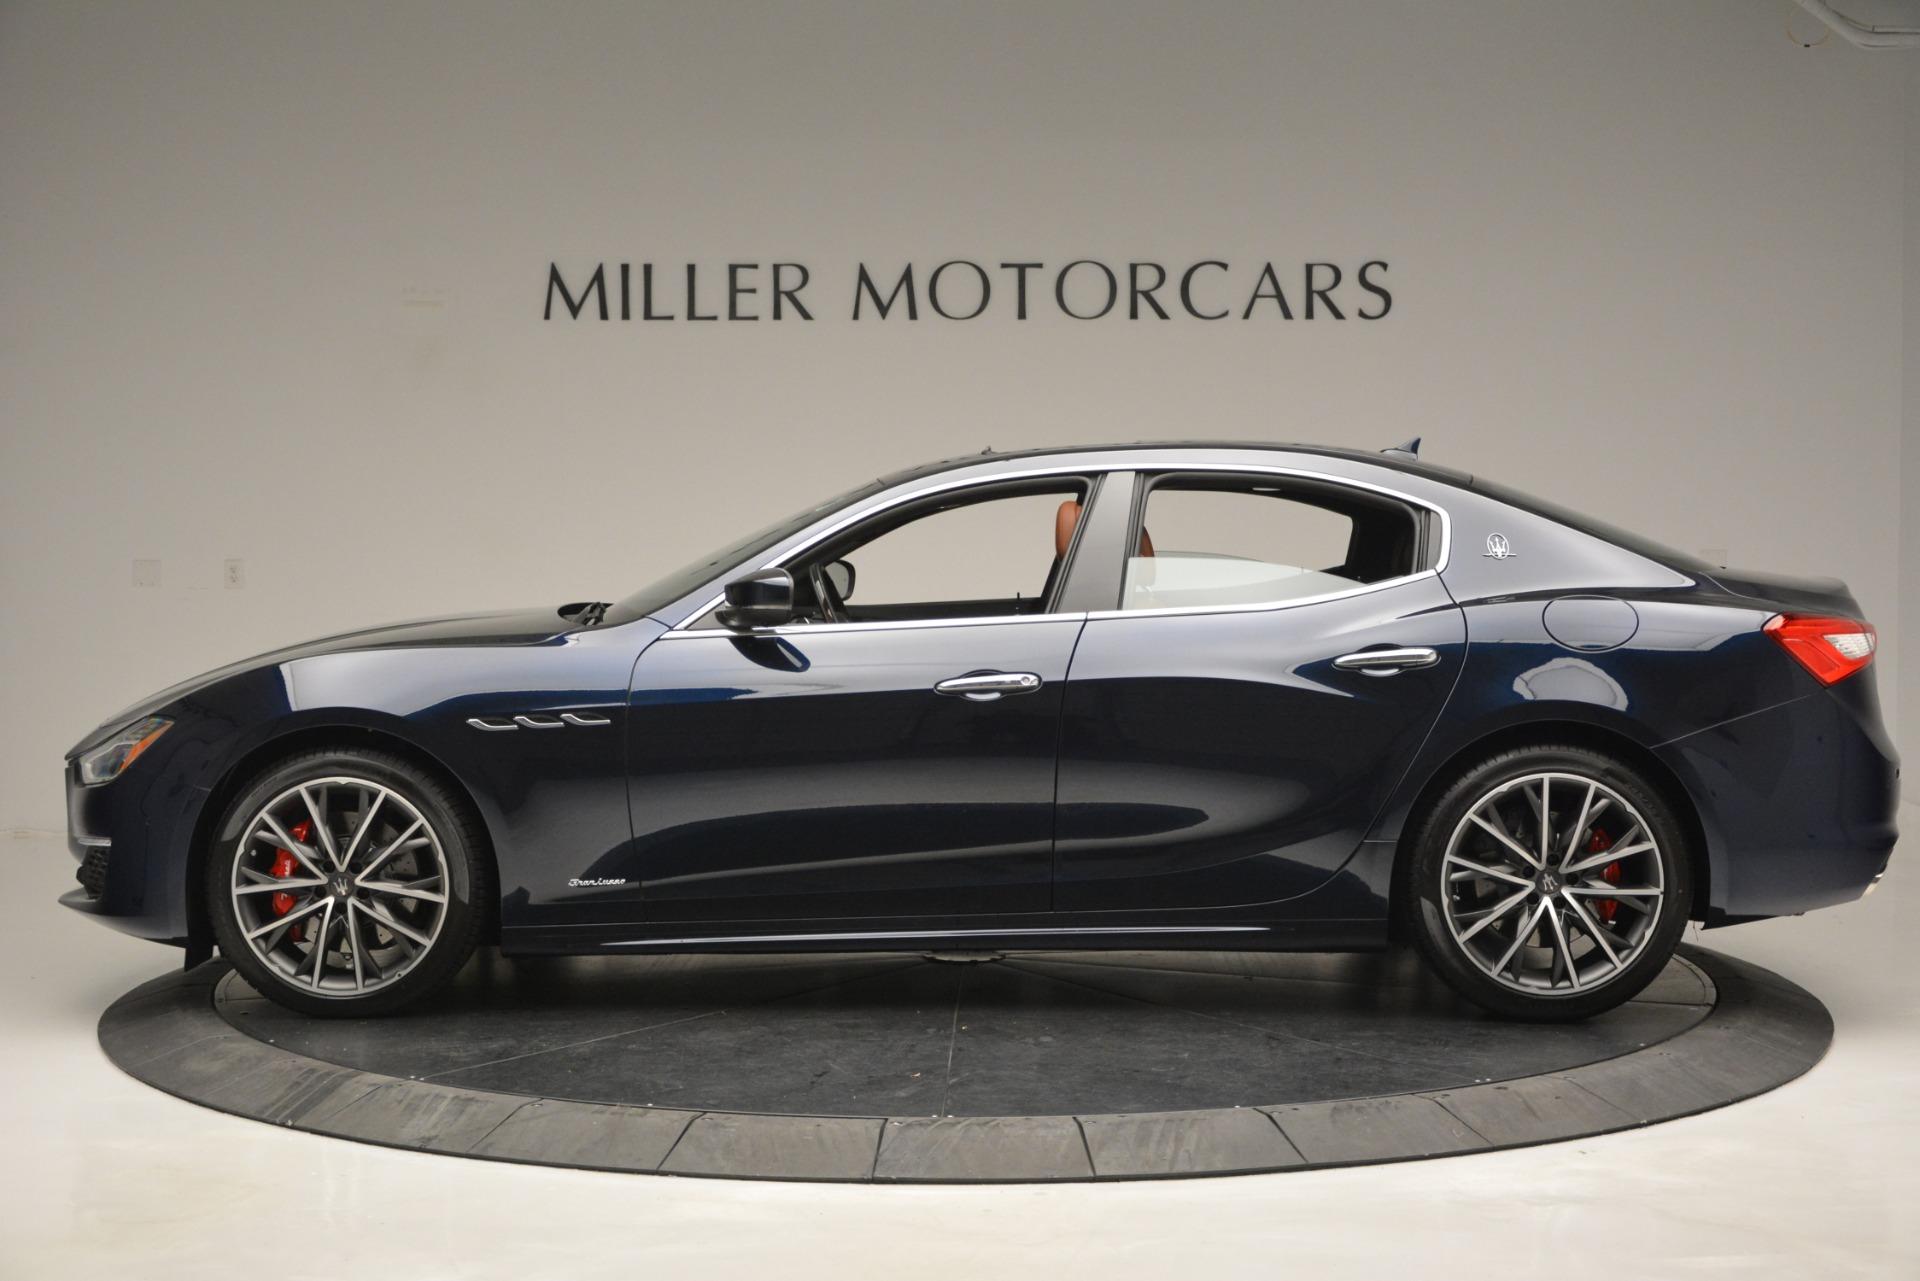 New 2019 Maserati Ghibli S Q4 GranLusso For Sale In Greenwich, CT. Alfa Romeo of Greenwich, M2251 2882_p4